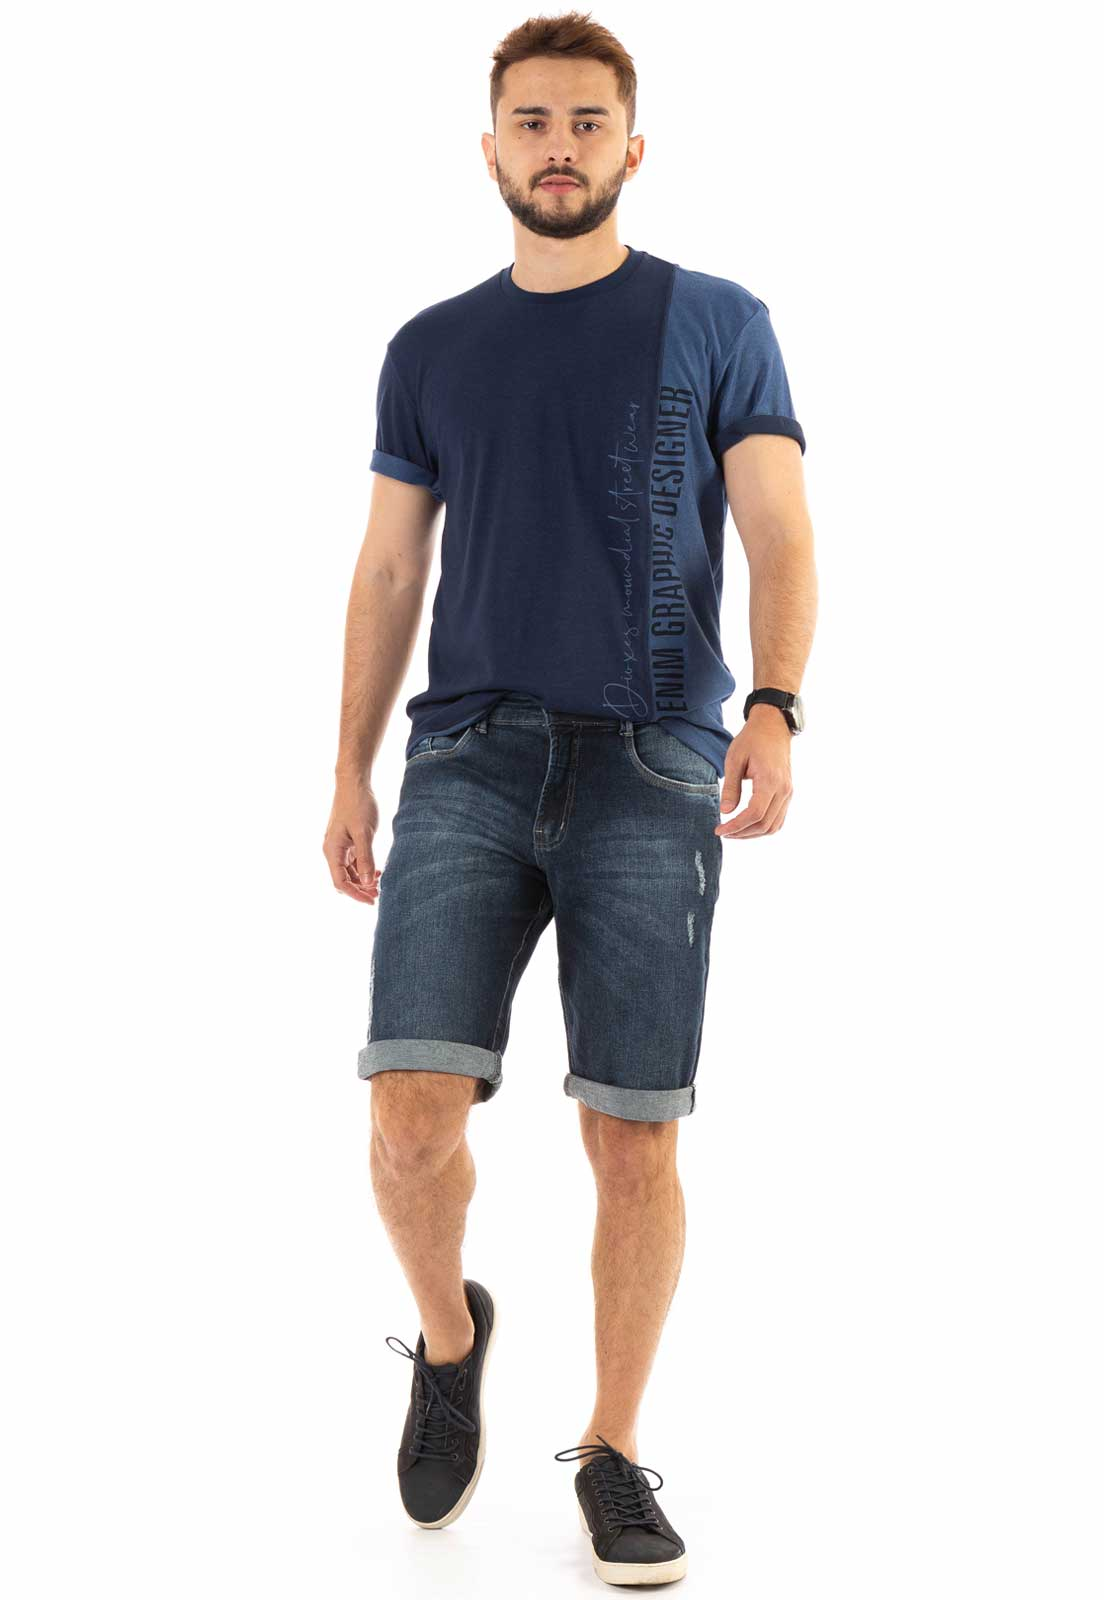 Camiseta Dioxes com Estampa